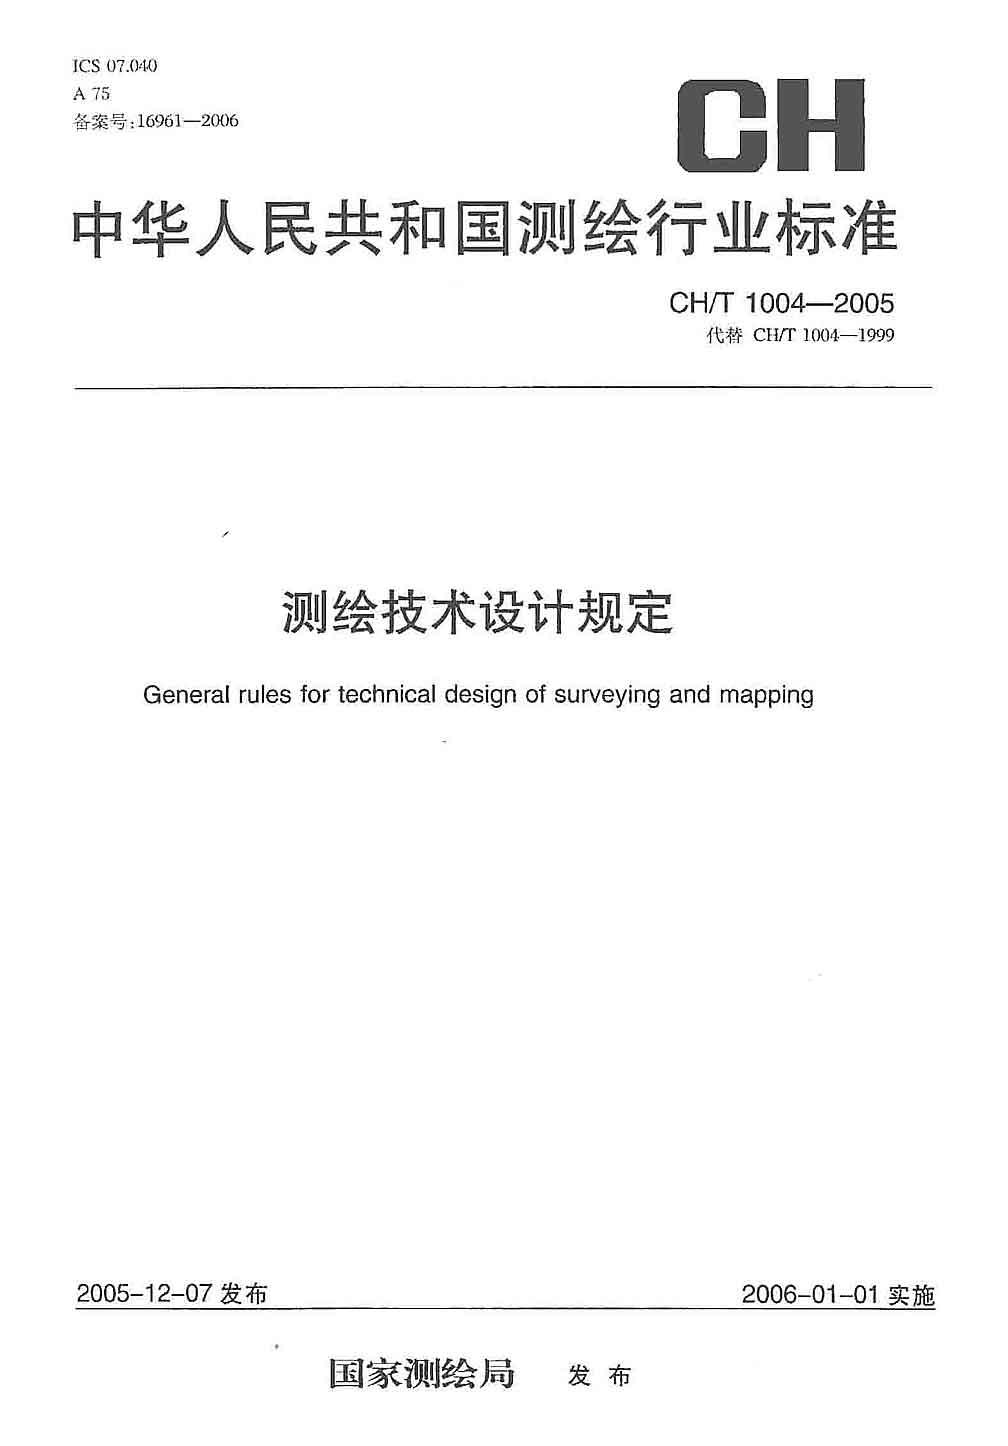 测绘技术设计规定 CH\/T1004-2005 众智建筑资